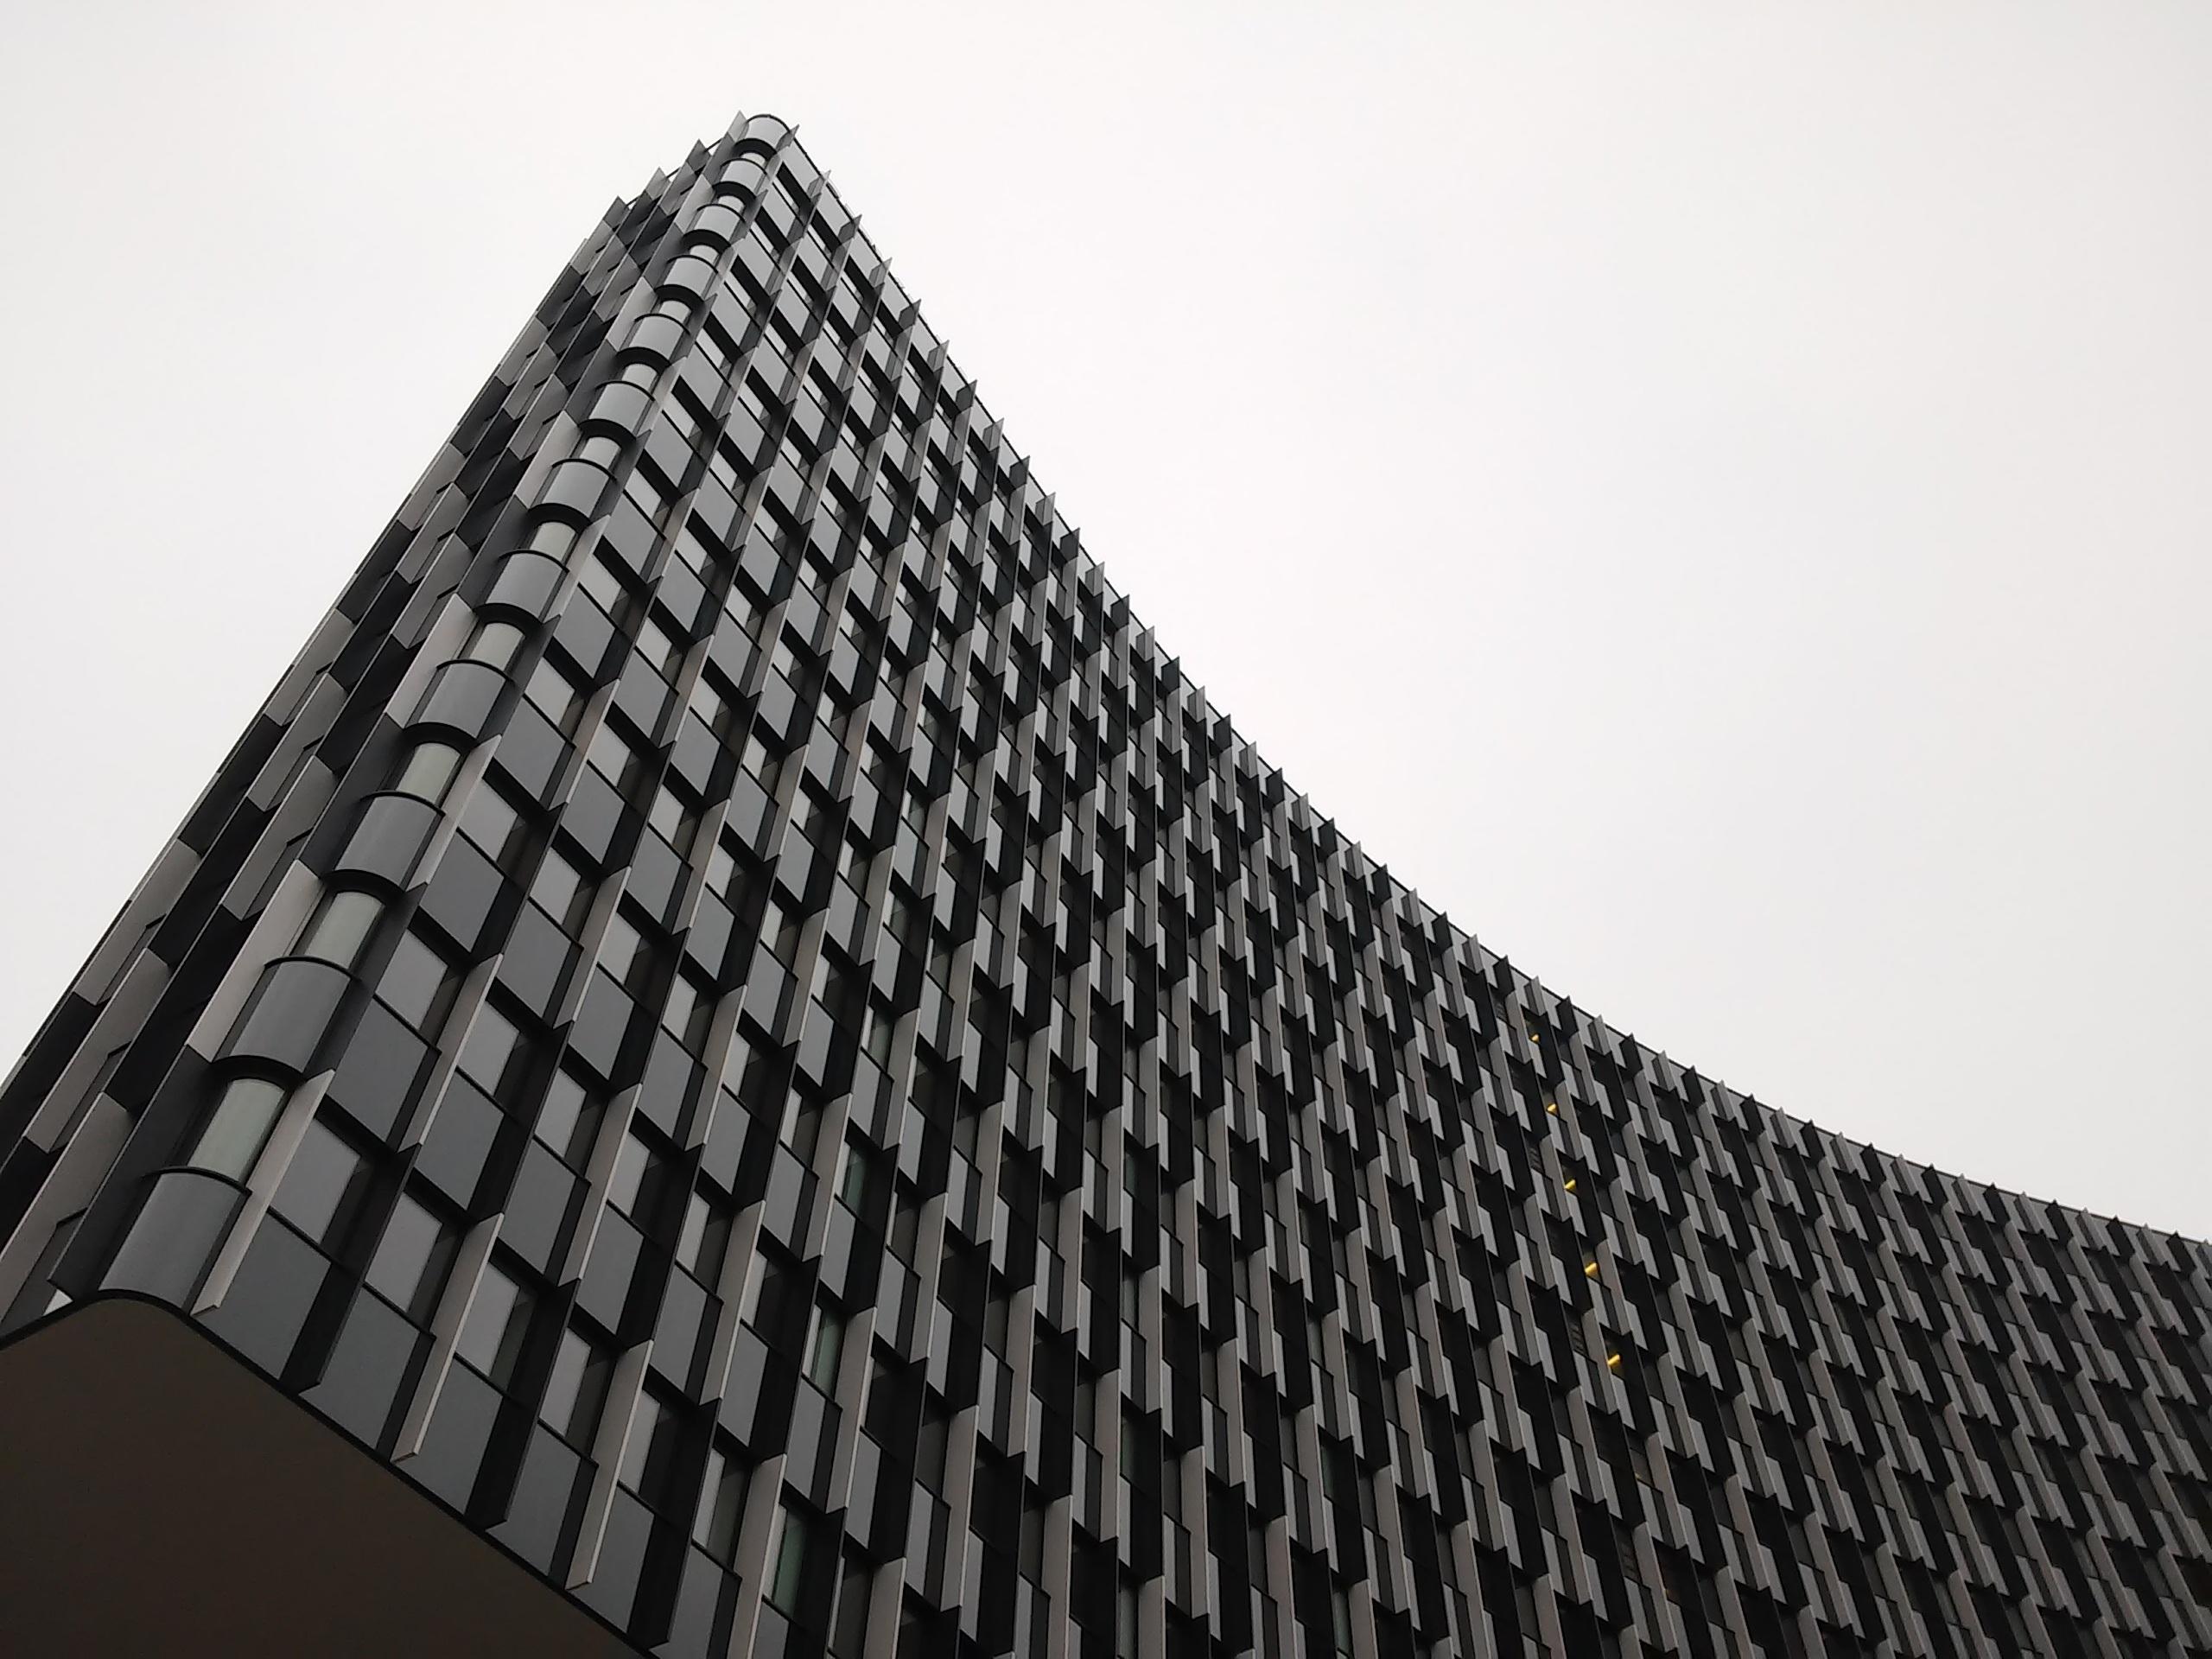 kostenlose foto die architektur wei fenster dach geb ude wolkenkratzer muster linie. Black Bedroom Furniture Sets. Home Design Ideas